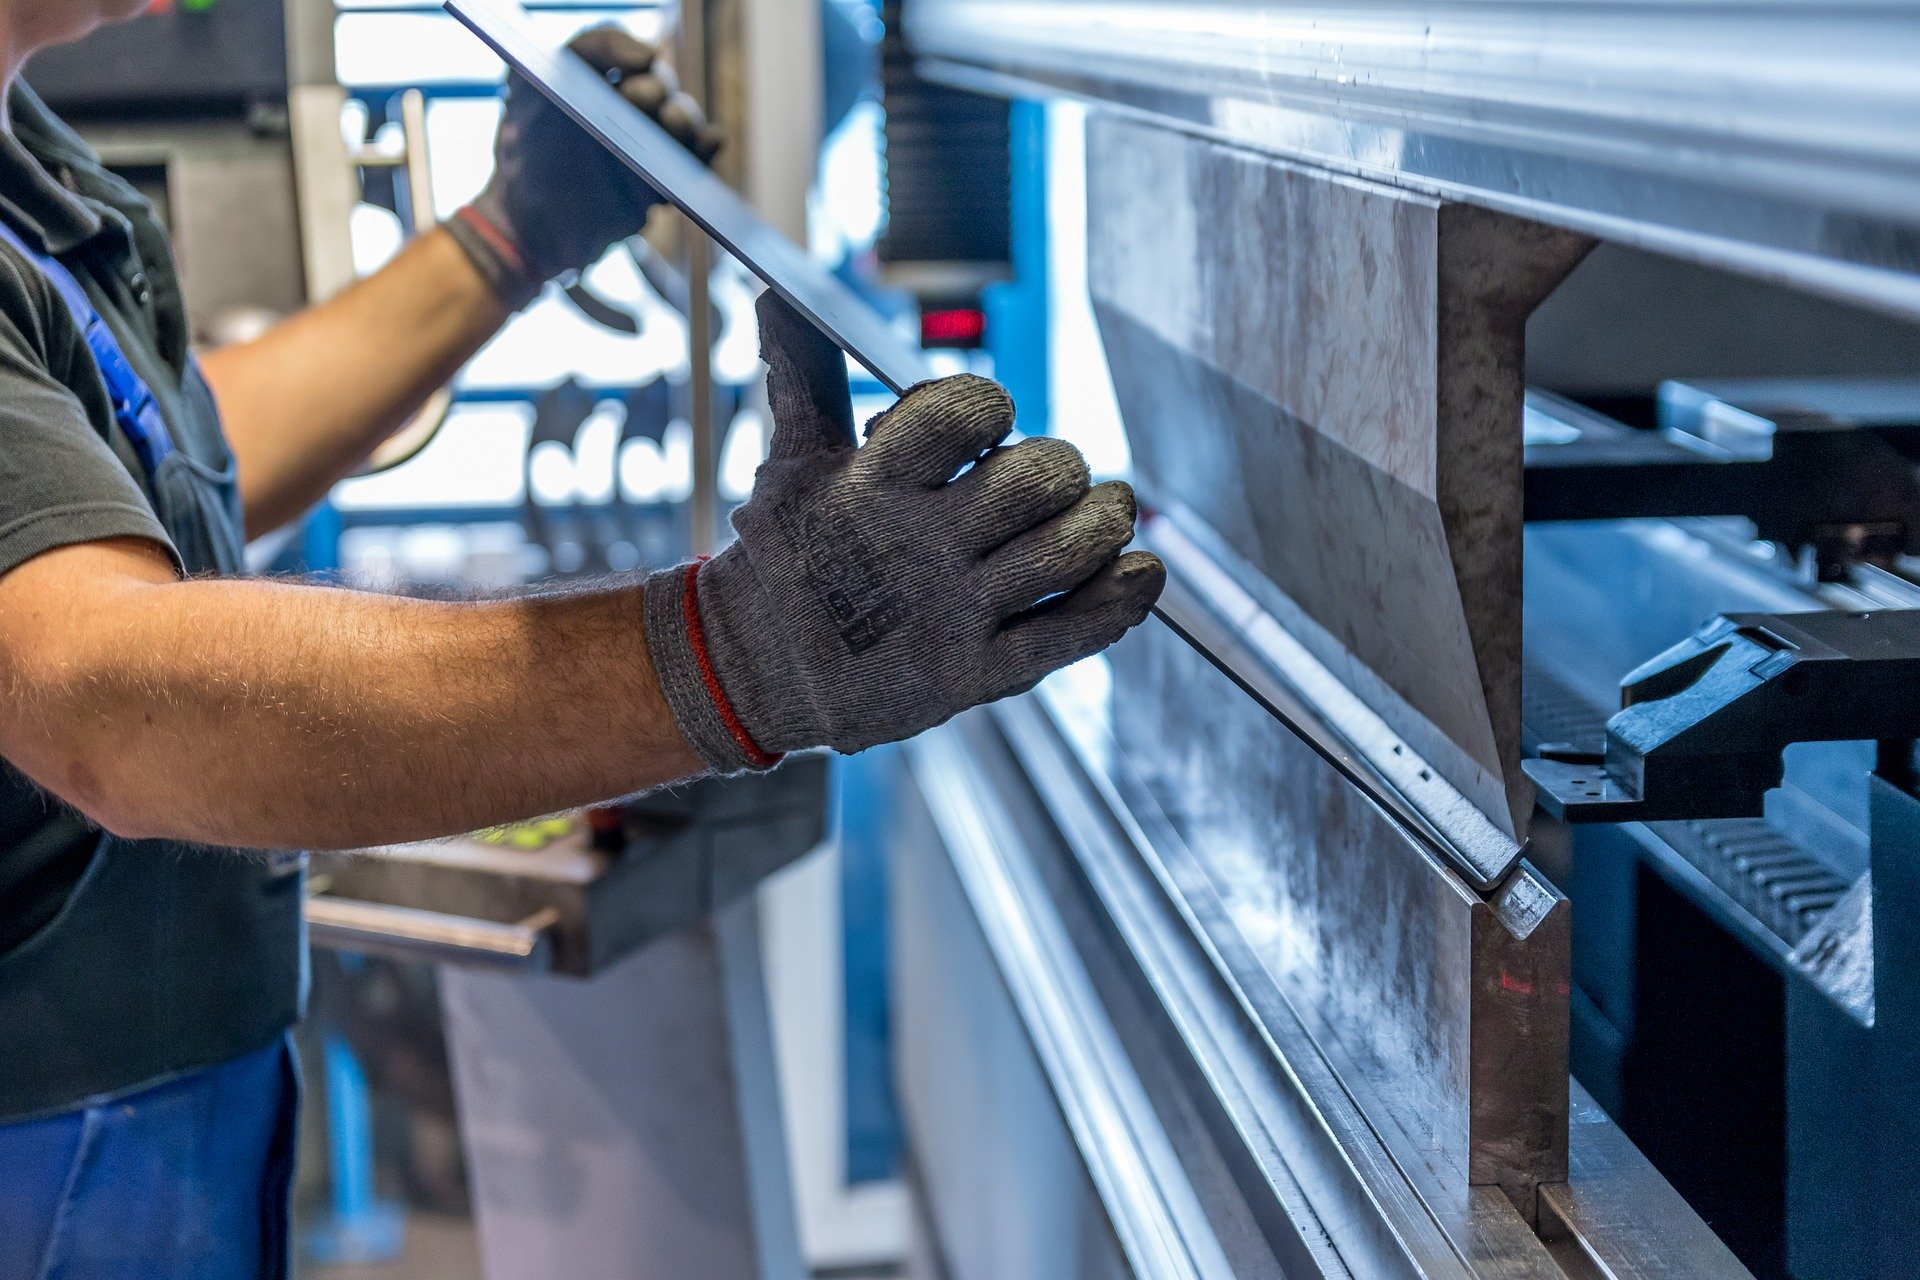 An einer Maschine wird durch einen Arbeitenden ein Metallstück bearbeitet.